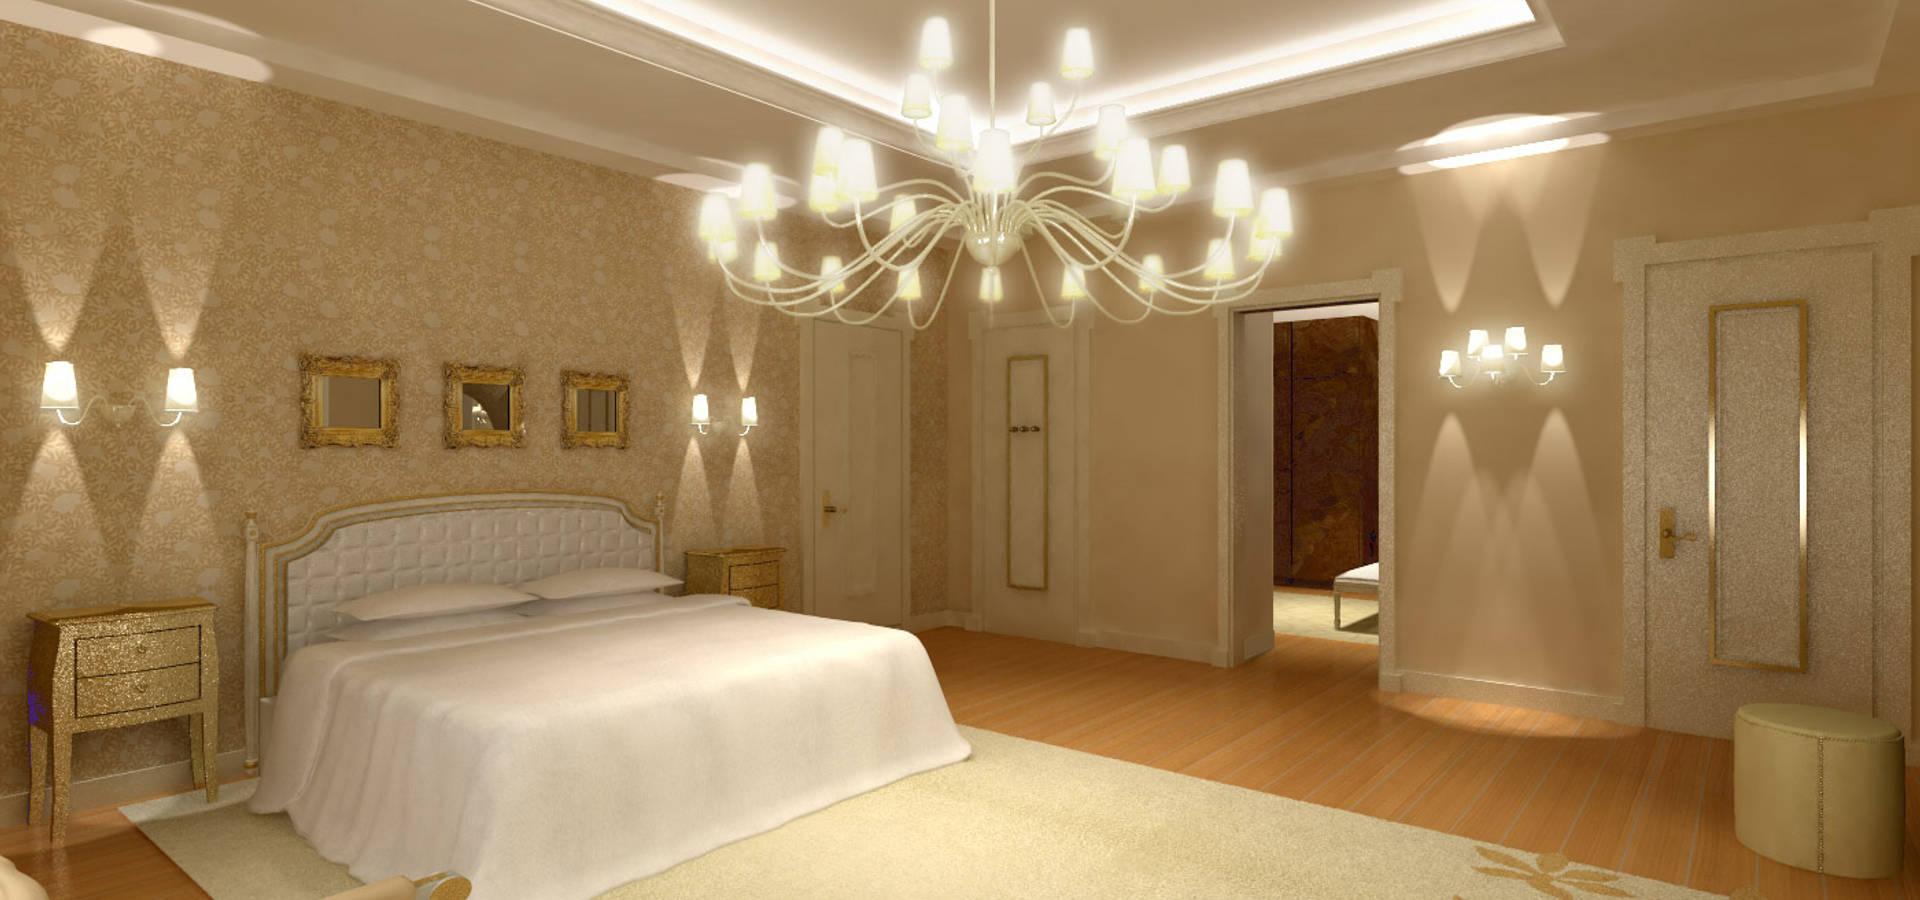 Camera da letto orientale di TEXAL di Bernecoli Matteo | homify